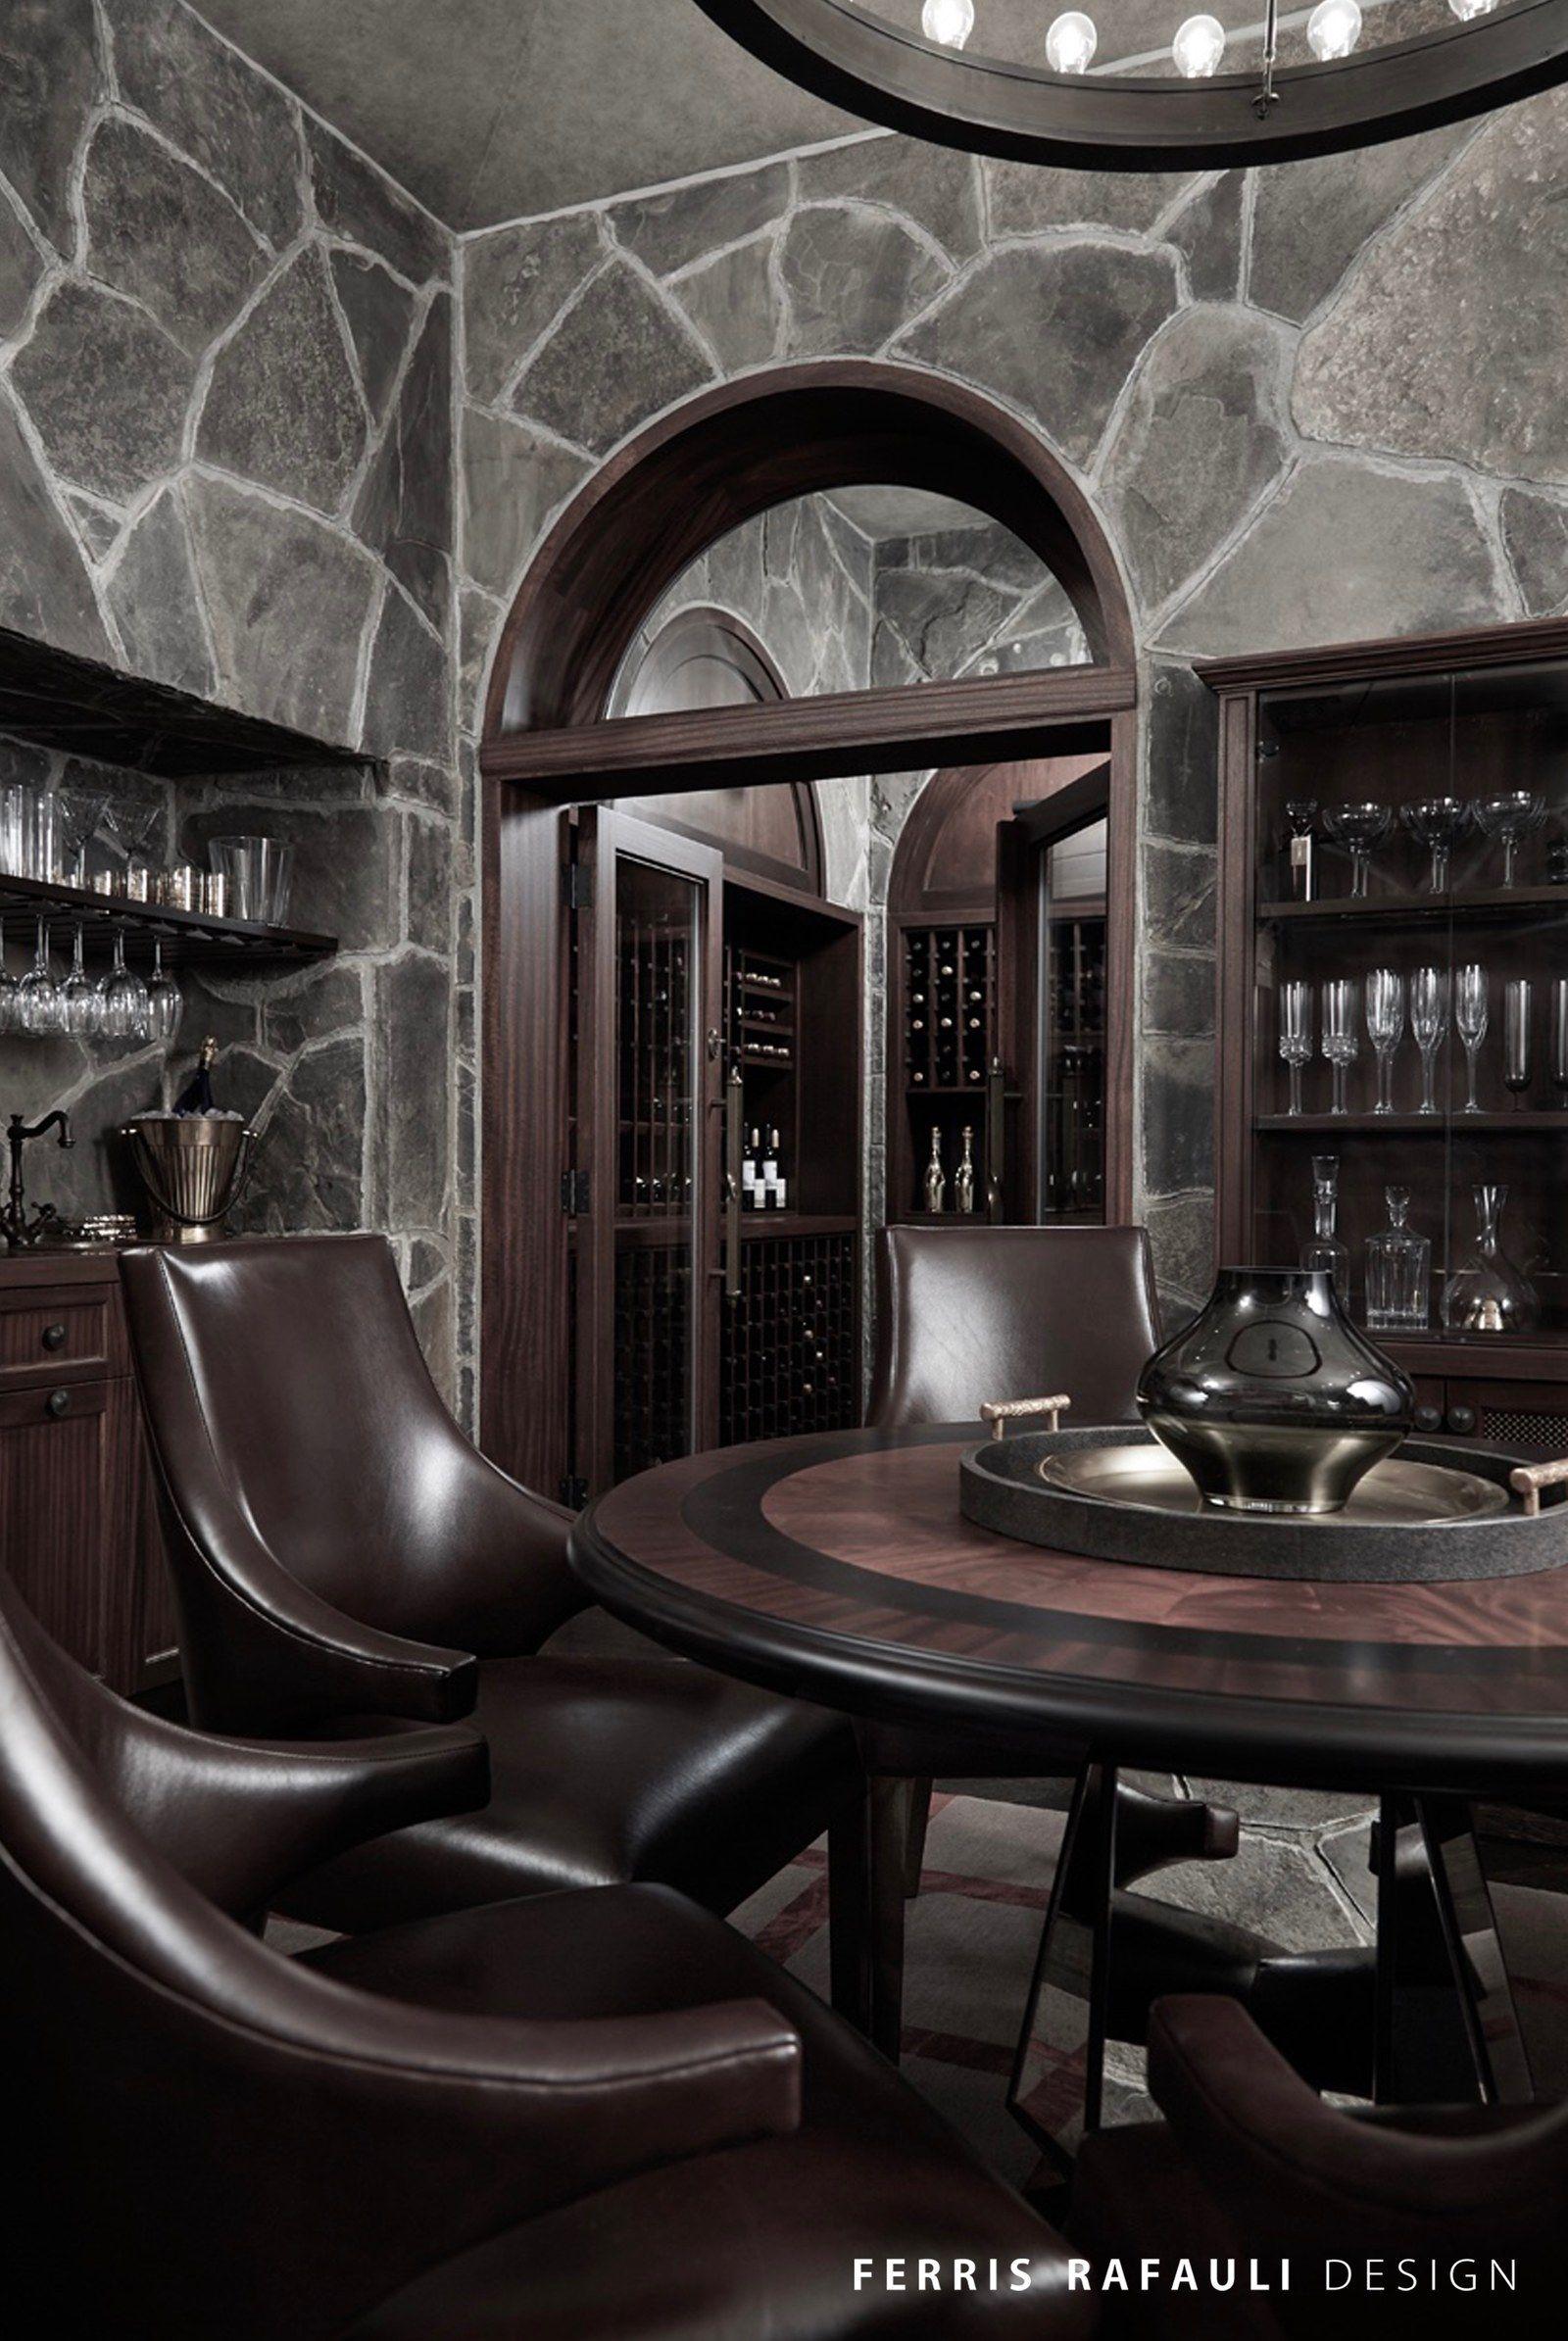 Luxury Kitchen Interior Design: Architecture By Ferris Rafauli